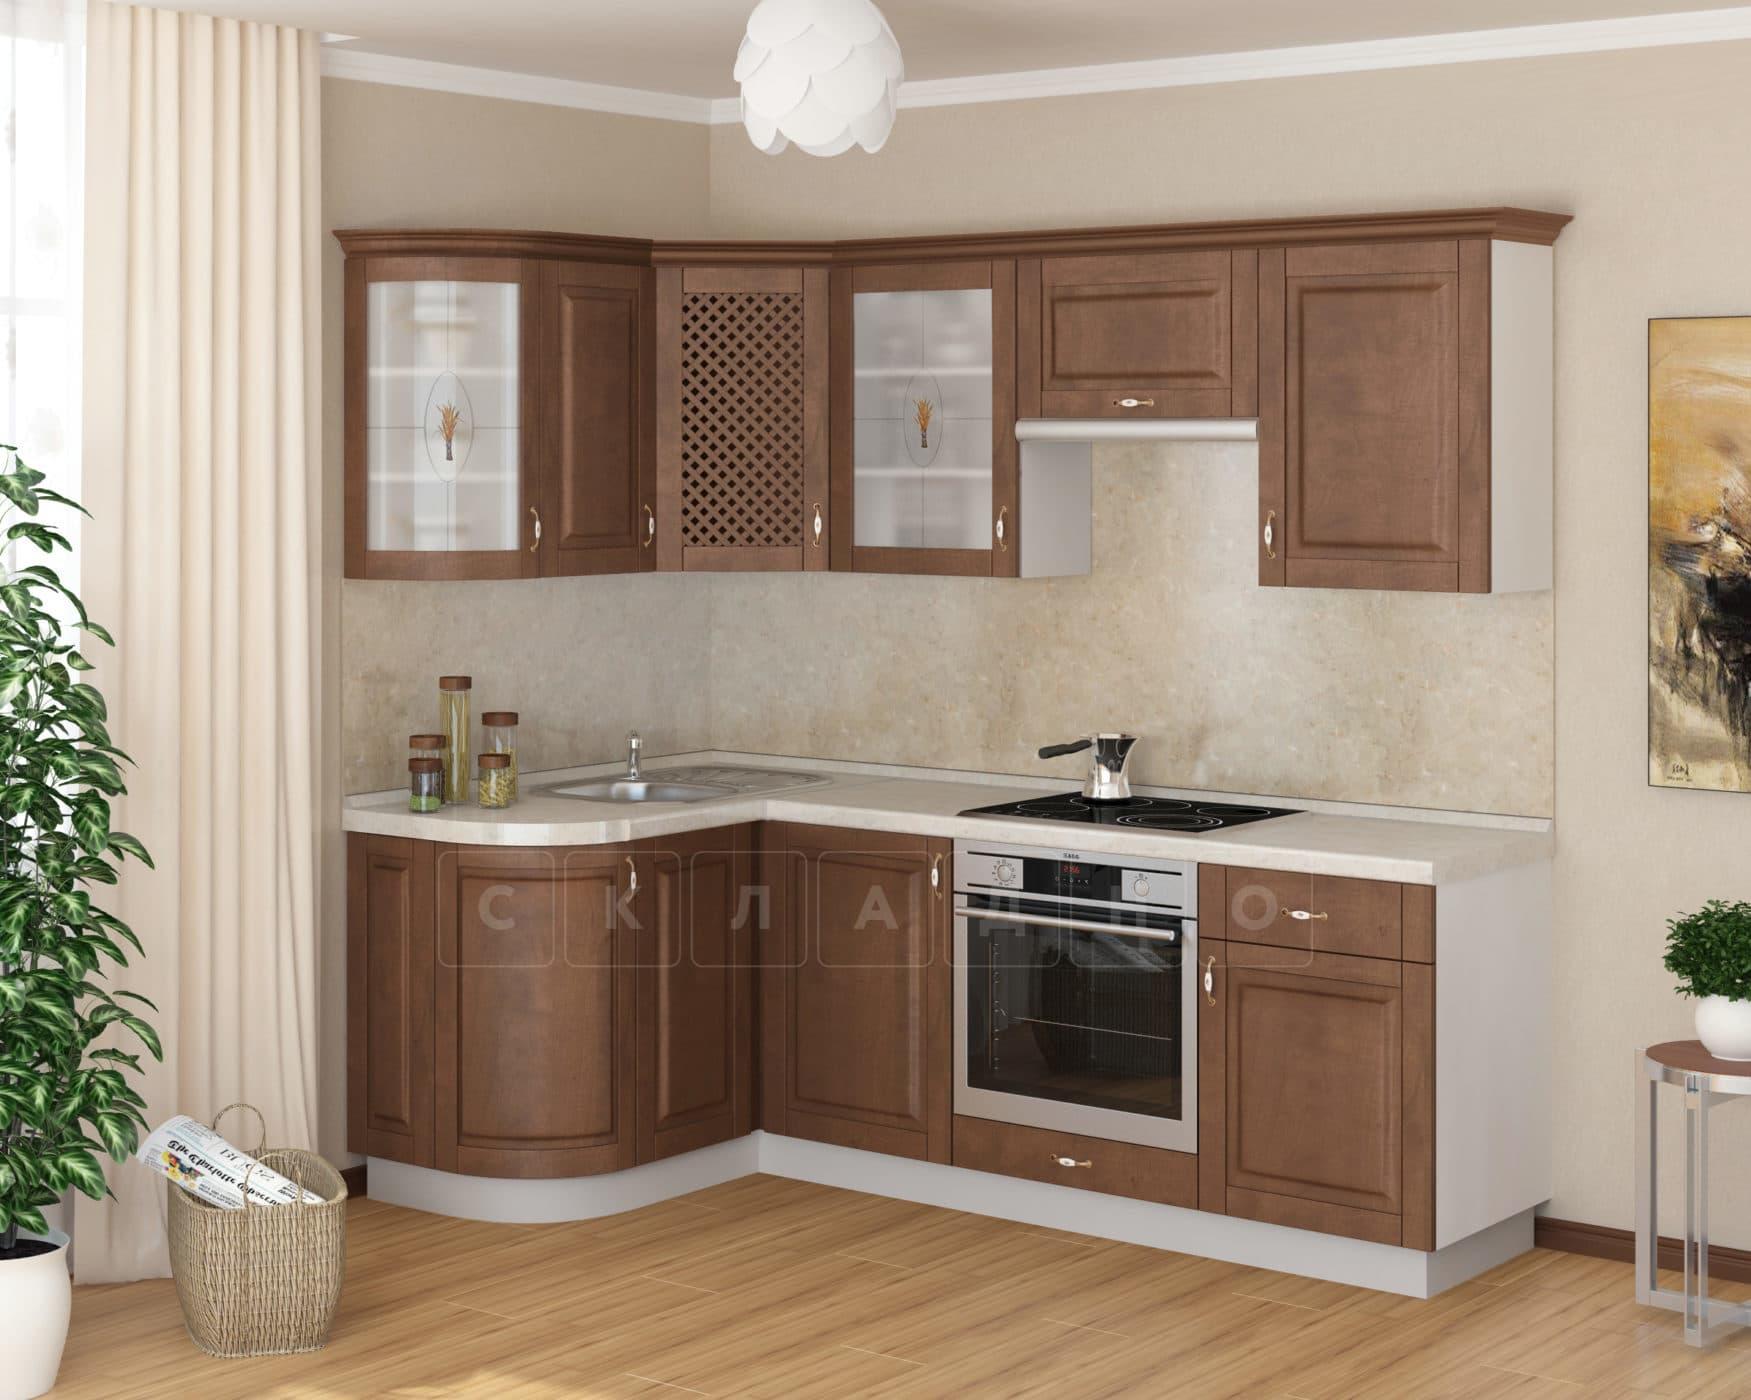 Кухня угловая Массив-Люкс 1335х1600 фото 1 | интернет-магазин Складно